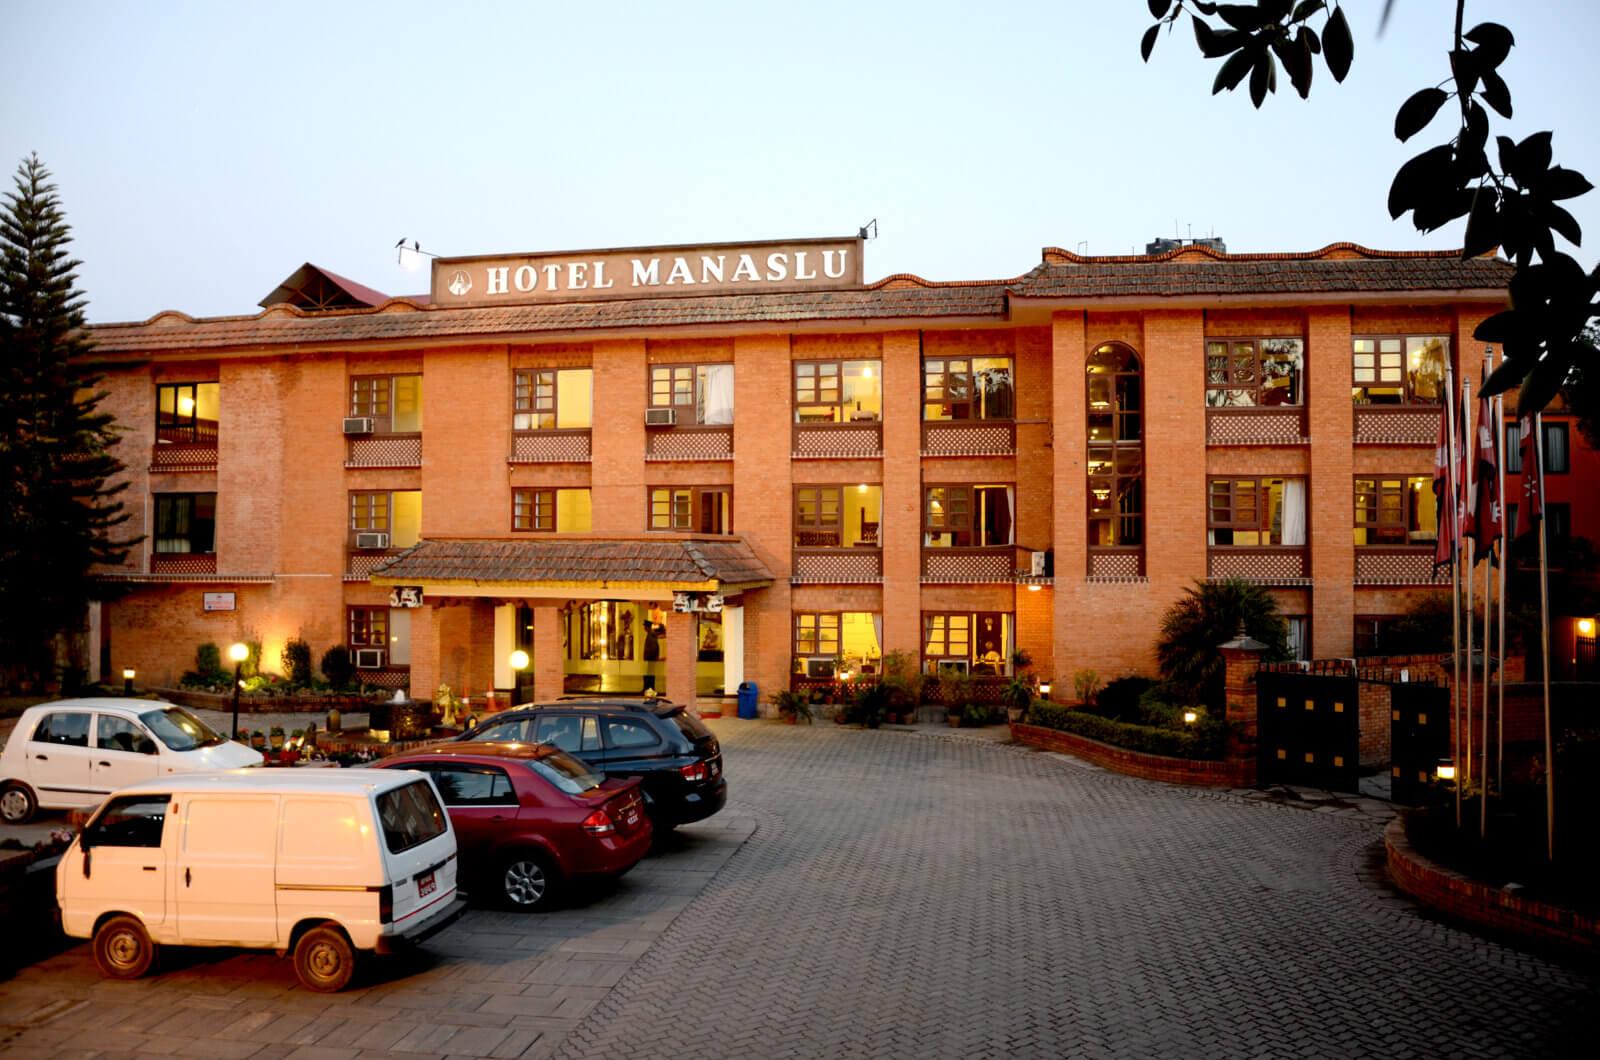 Hotel Manaslu Front View